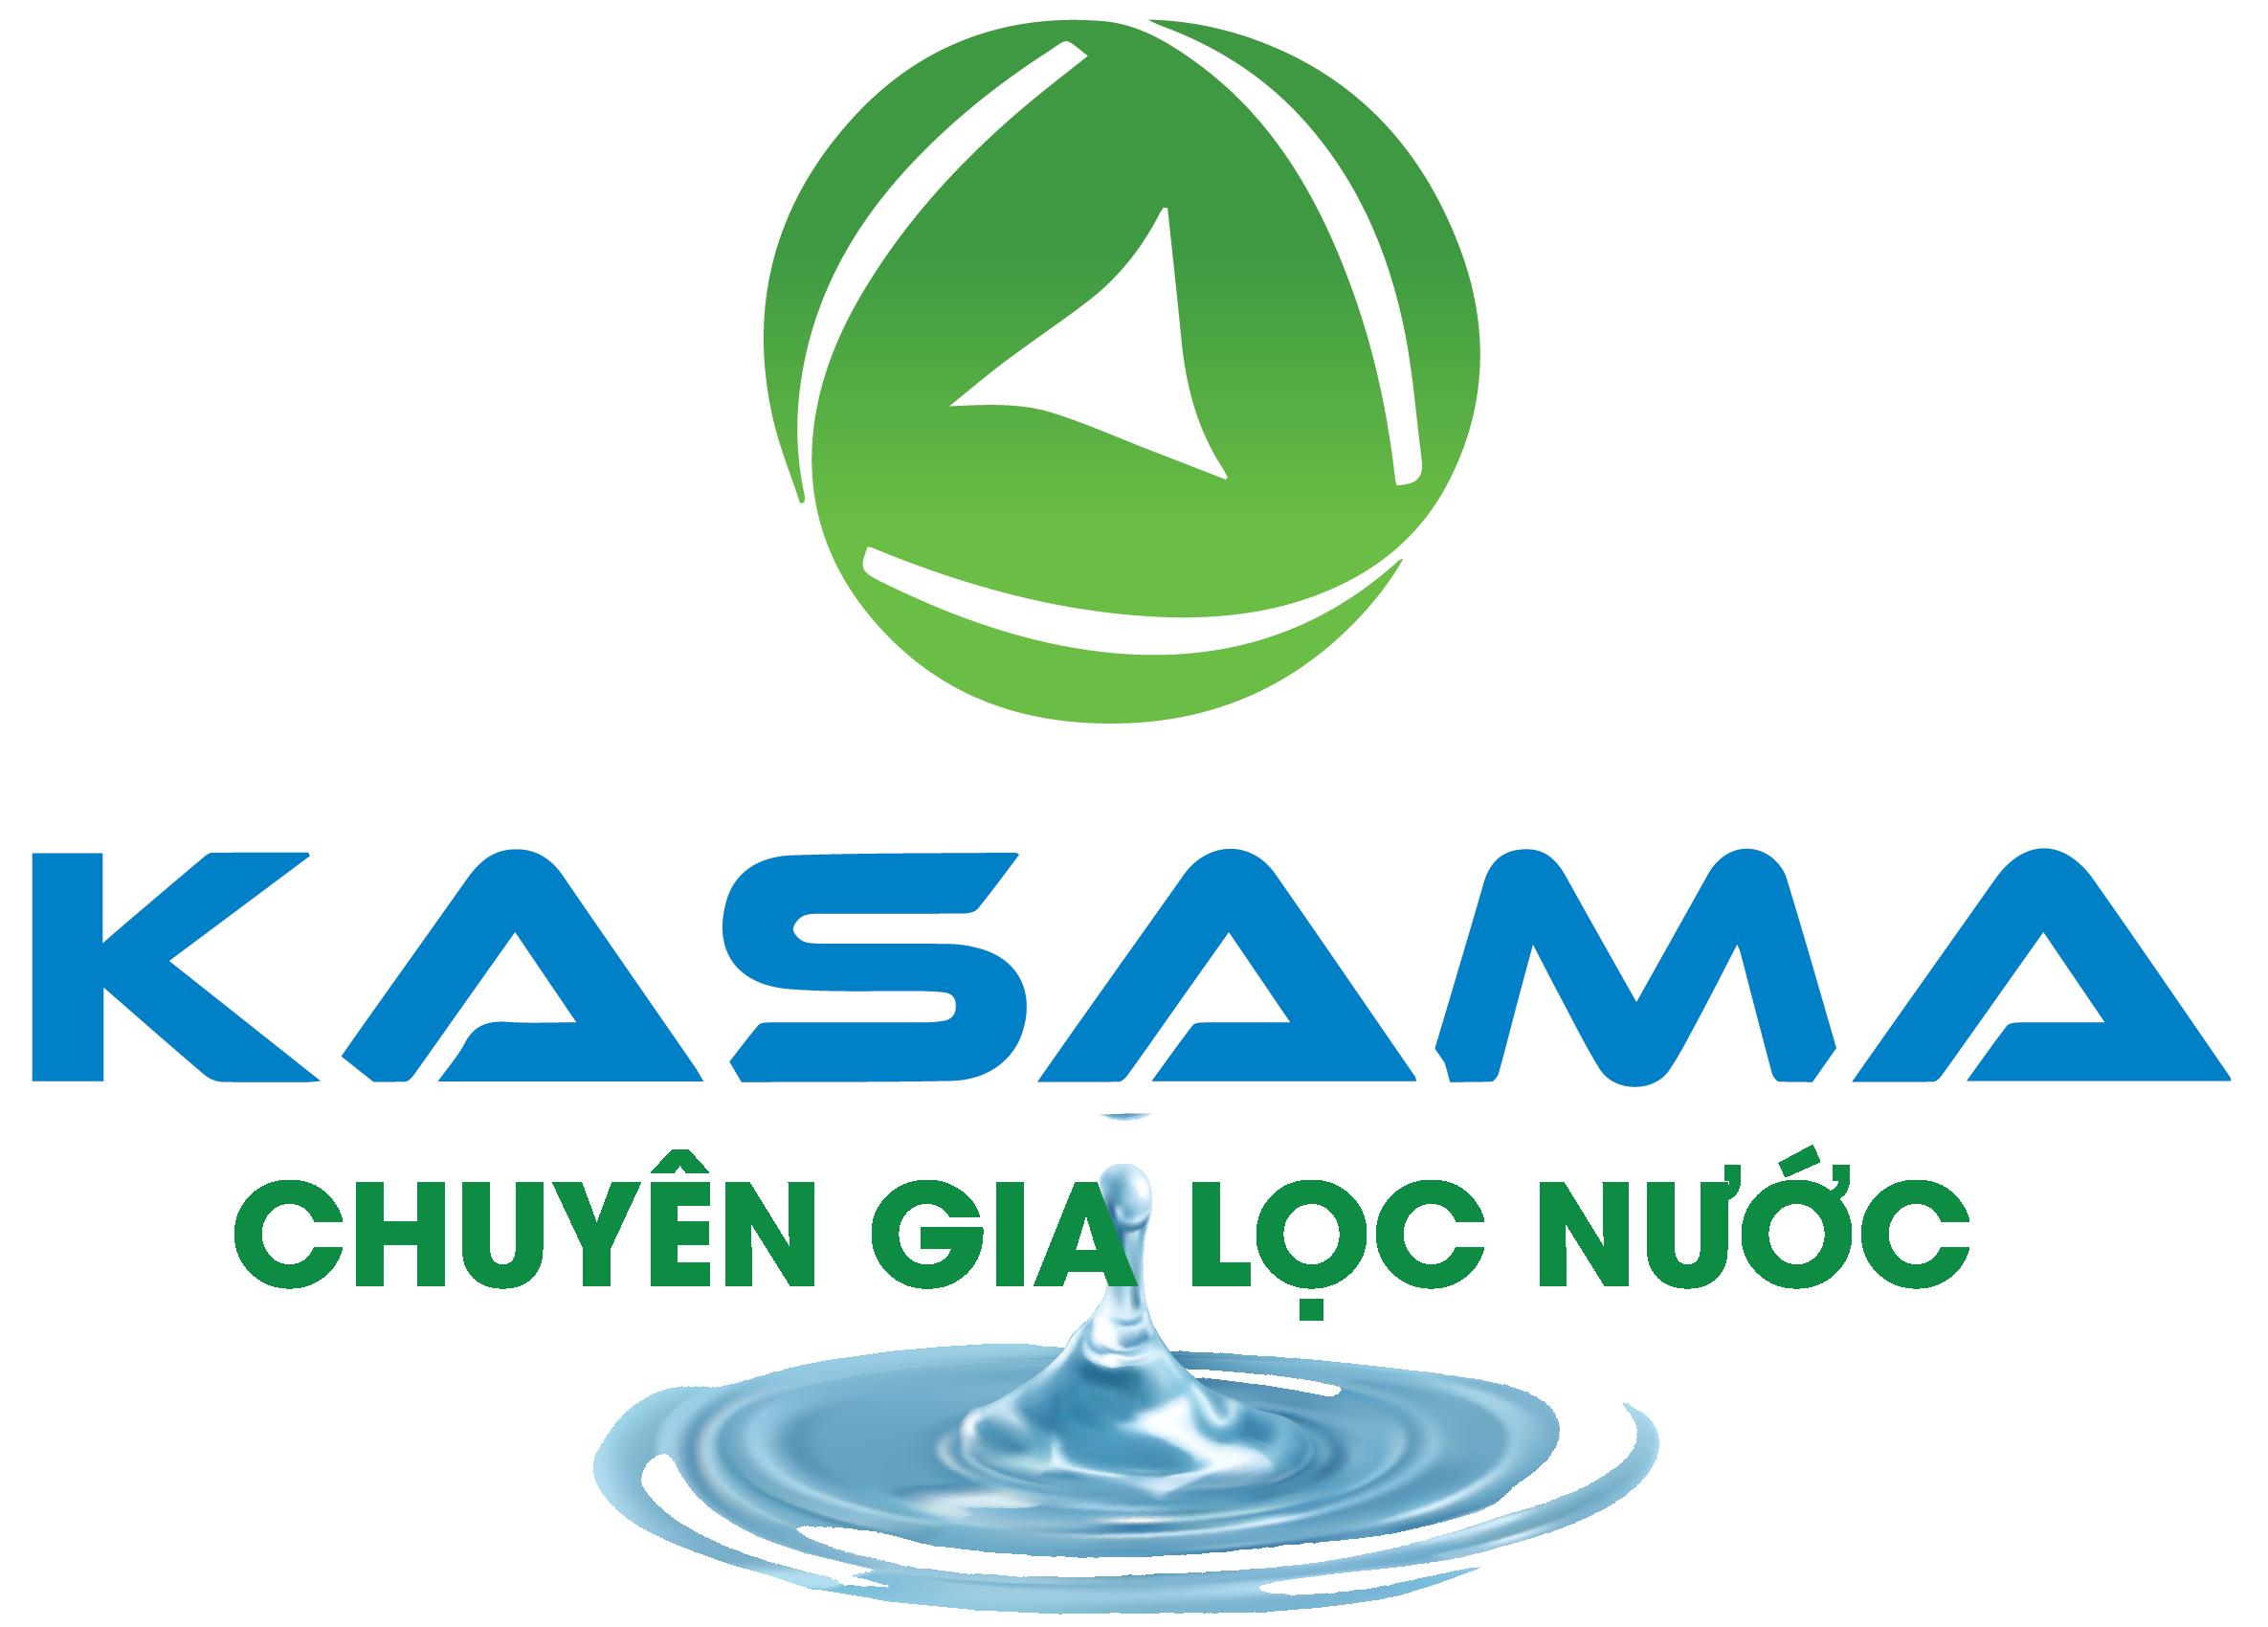 Chuyên Gia Lọc Nước Kasama